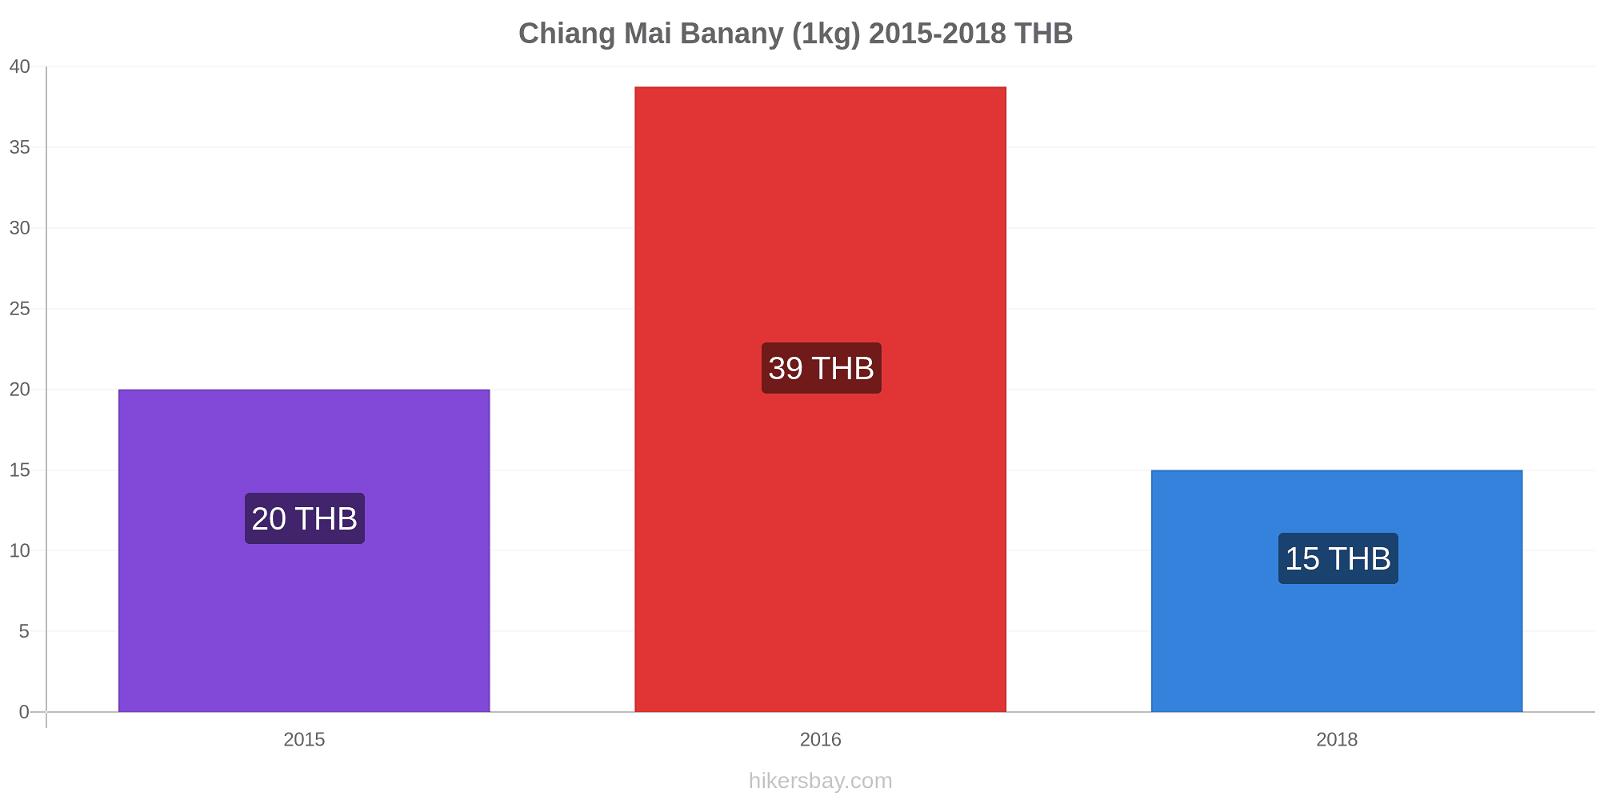 Chiang Mai zmiany cen Banany (1kg) hikersbay.com